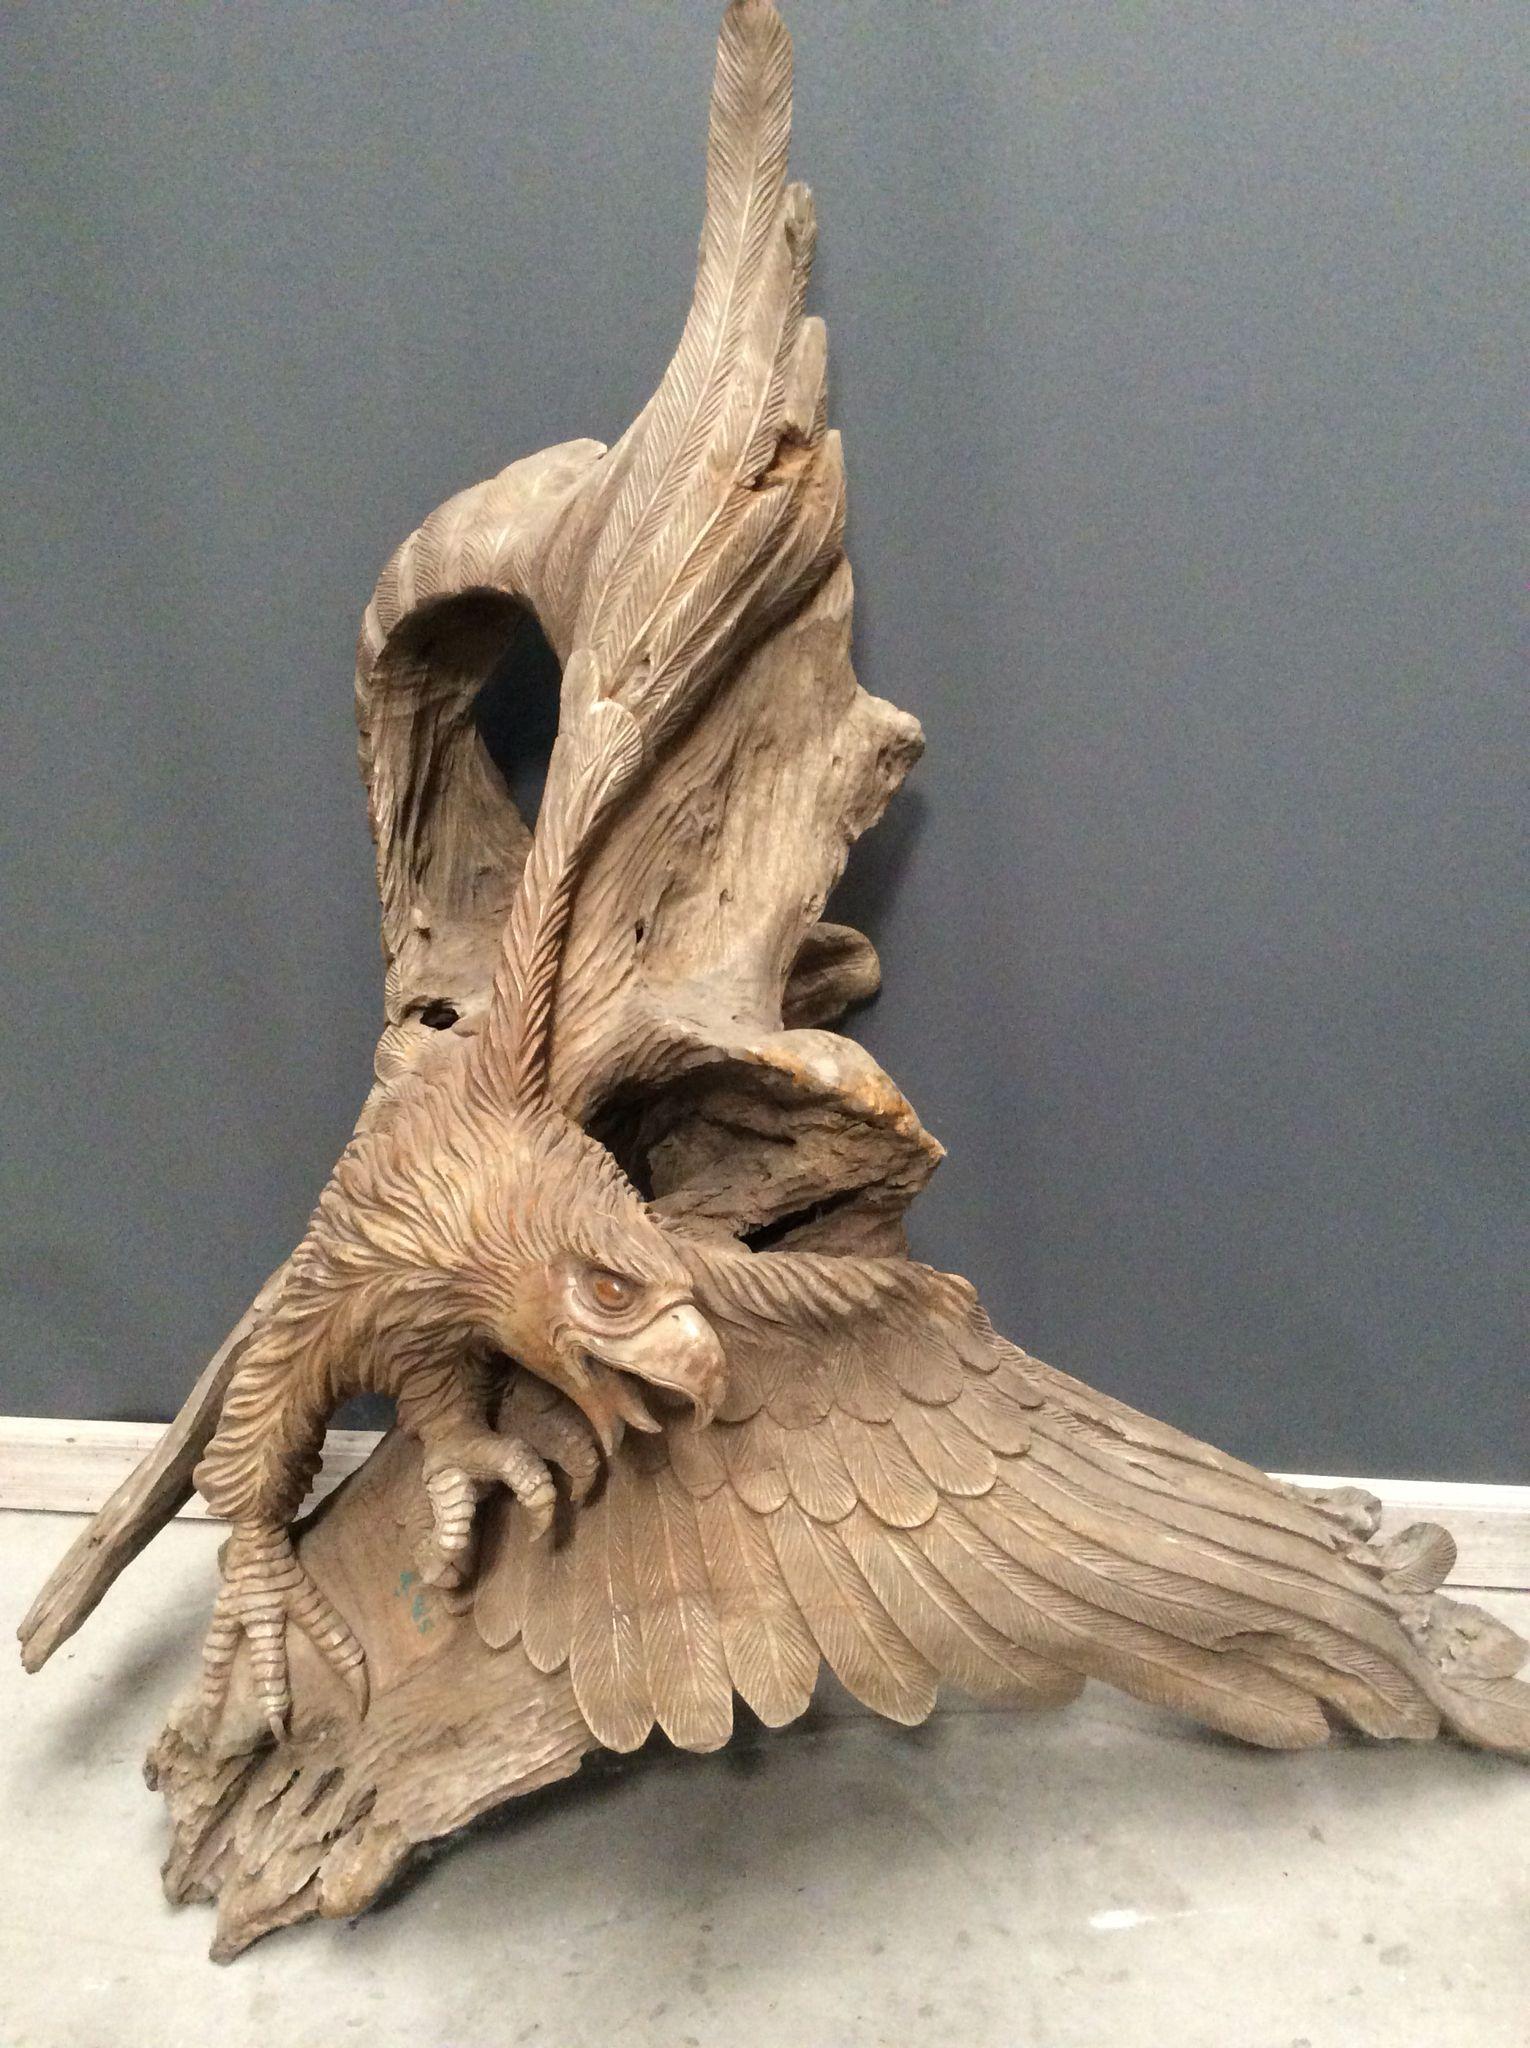 Roofvogel in hout gesculpteerd... Te koop bij Medussa Heist op den berg